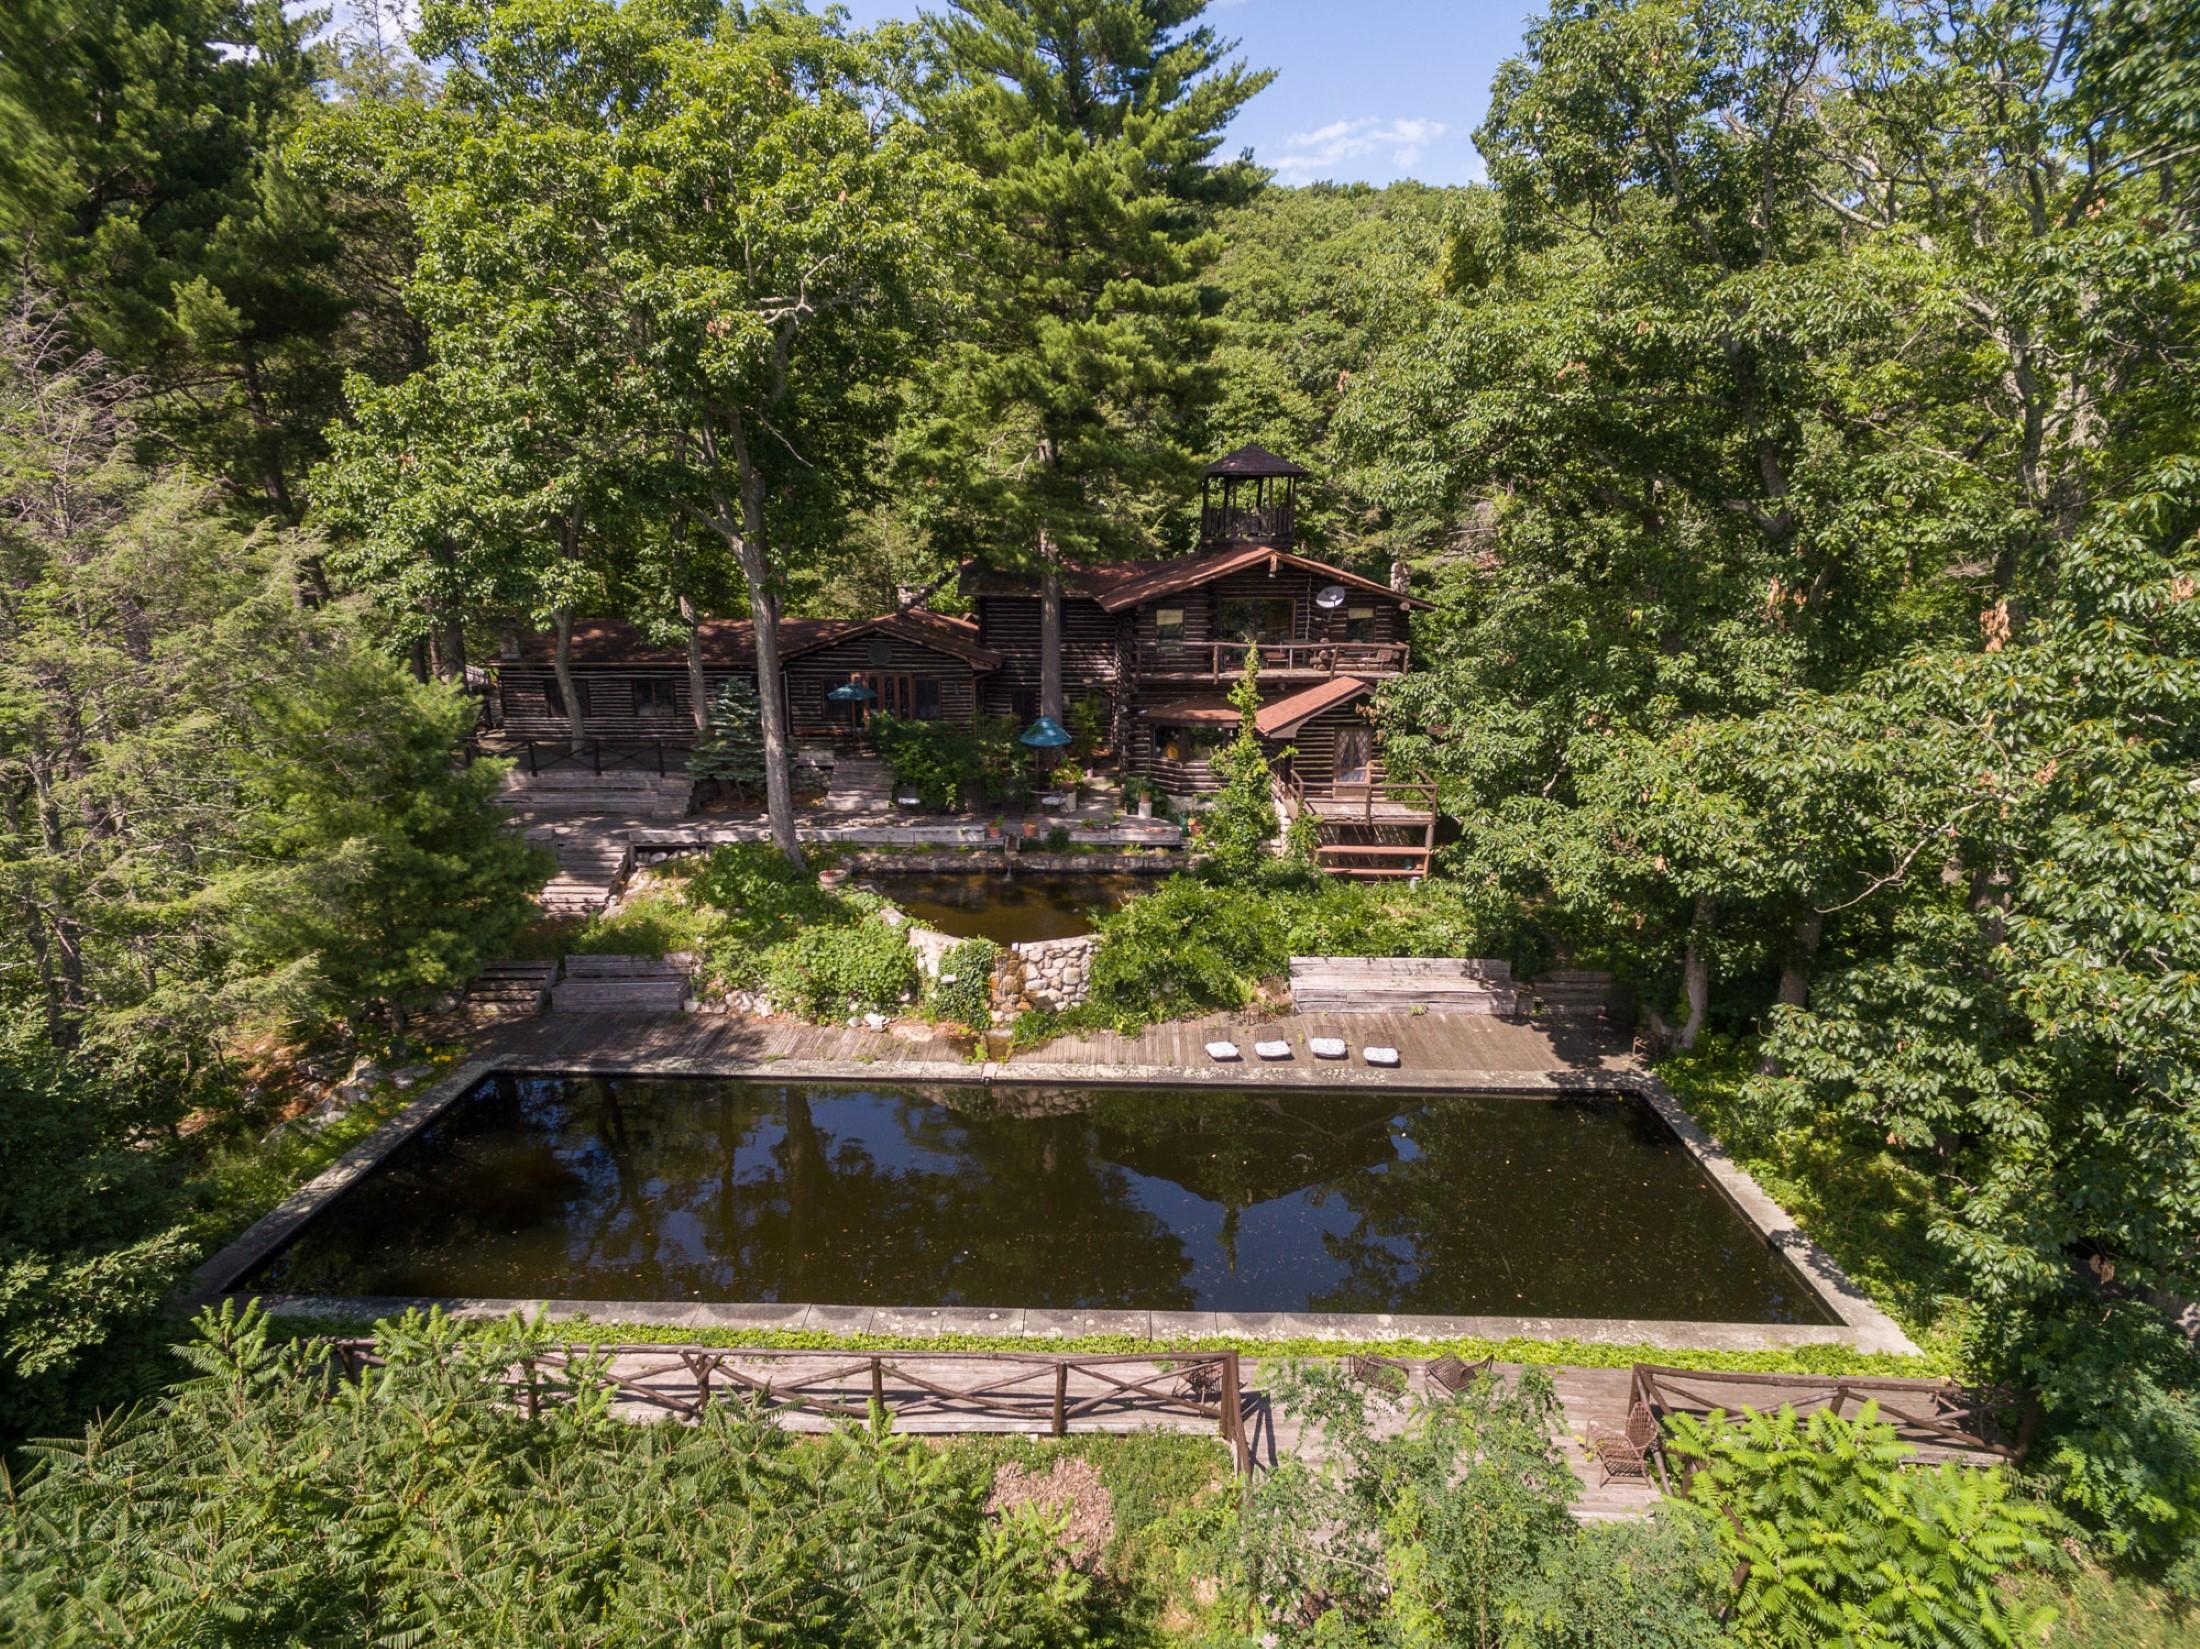 Các loại nhà khác vì Bán tại Mountain Retreat Wallkill, New York, 12589 Hoa Kỳ